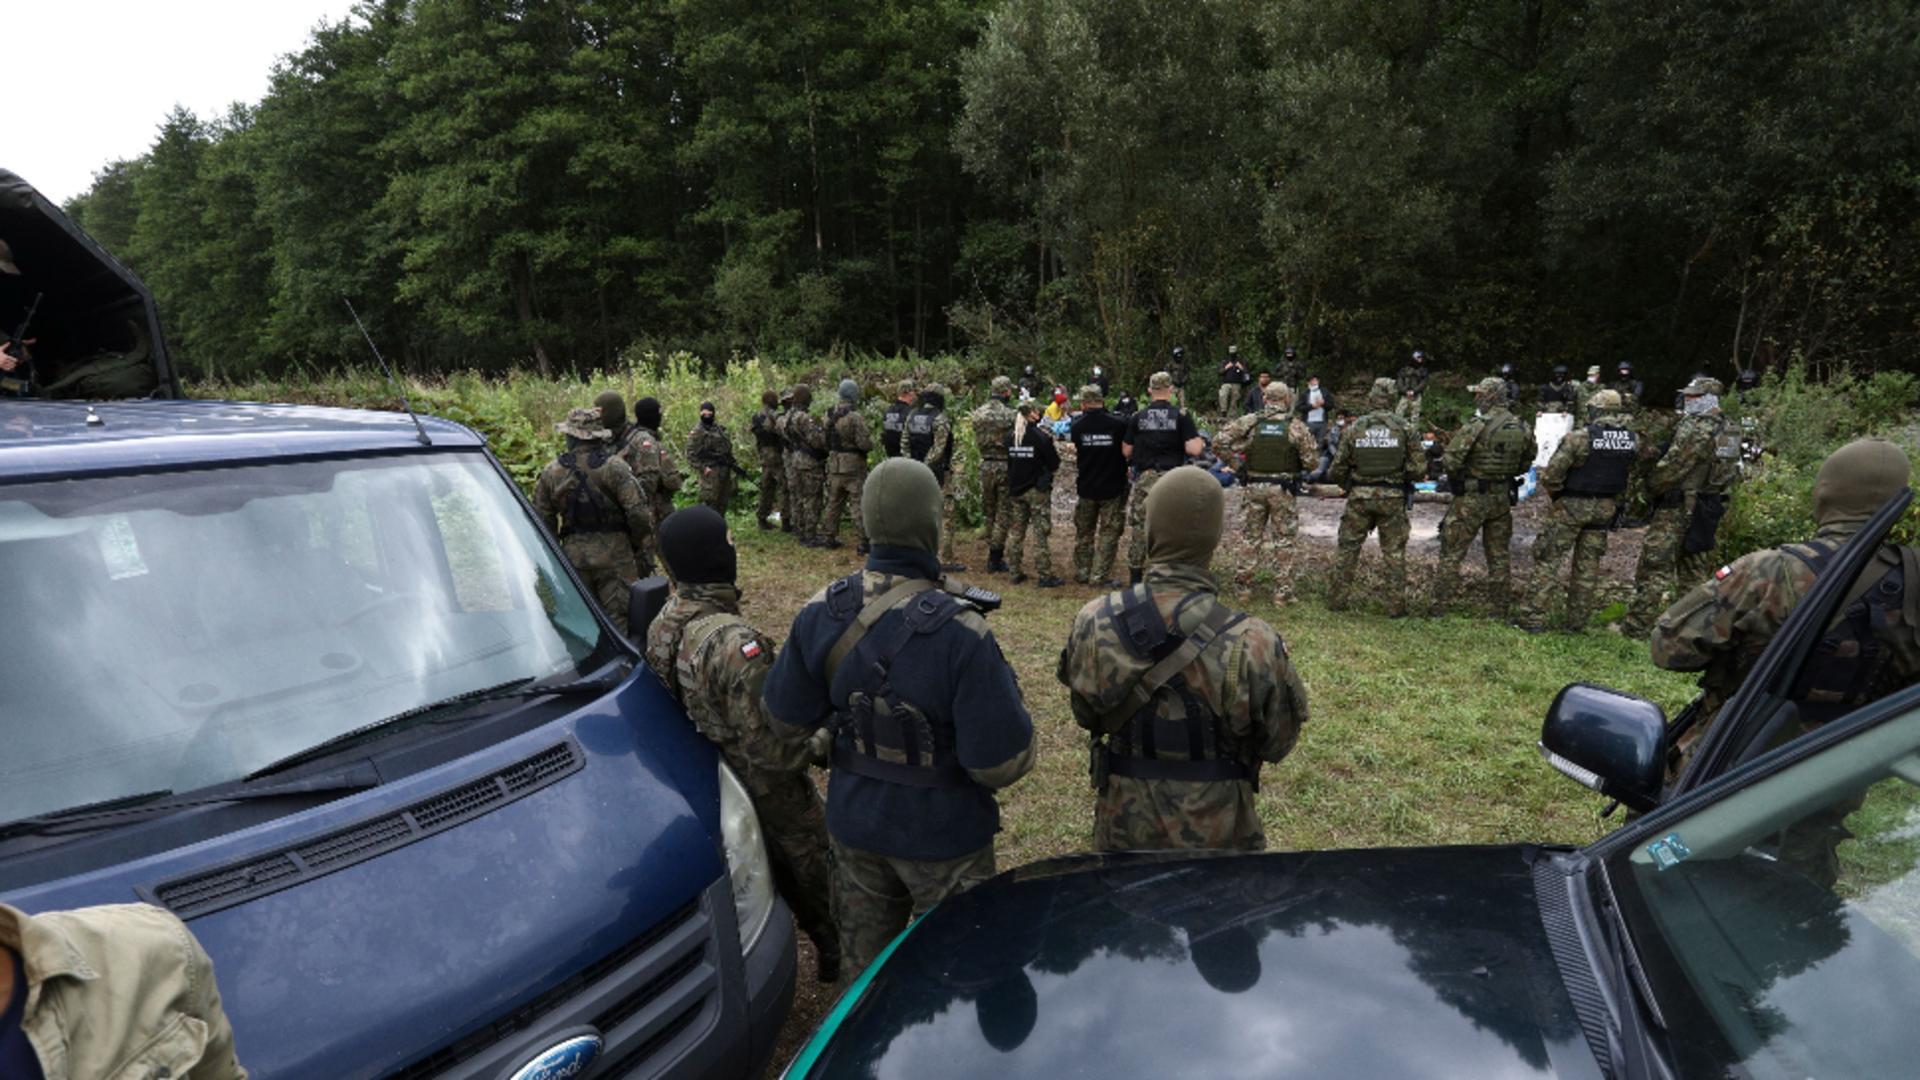 Polonia a anunțat că va construi un gard înalt de 2,5 metri la frontiera cu Belarus. Sursa foto: Profi Media